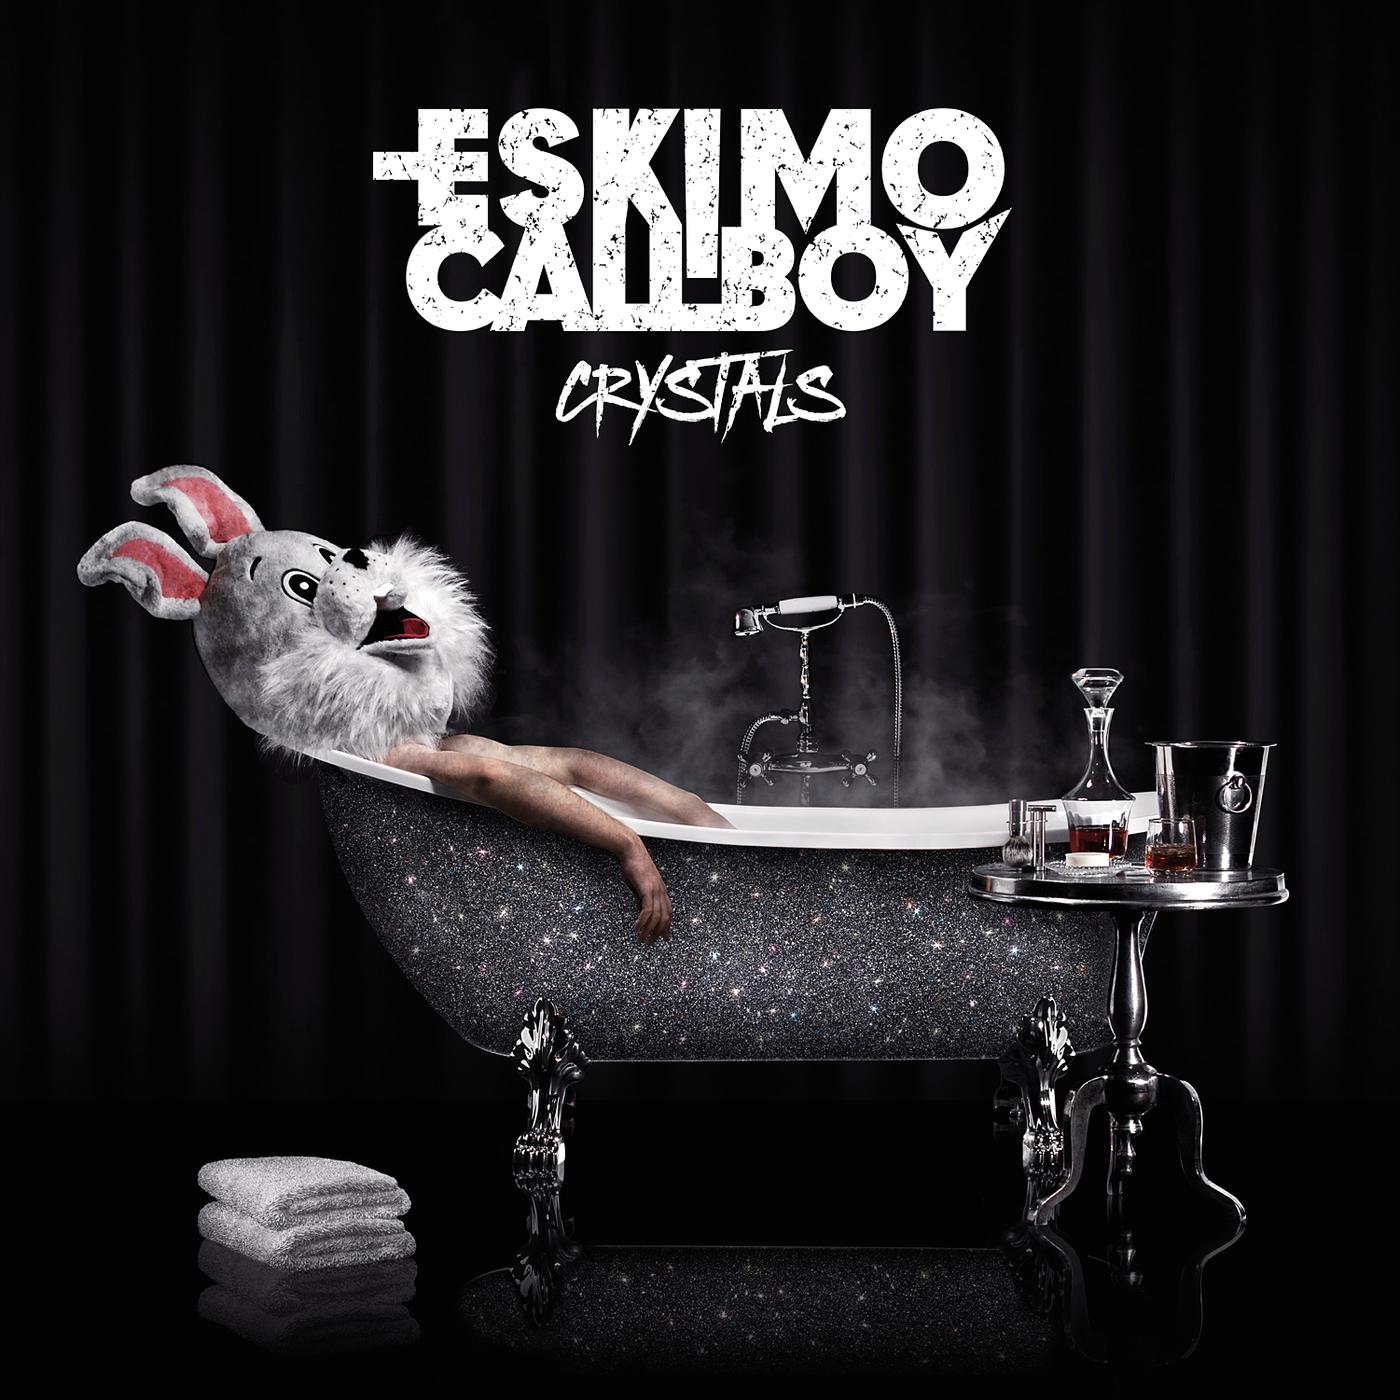 Eskimo Callboy - Crystals (Fanbox Limited Edition) (2015)